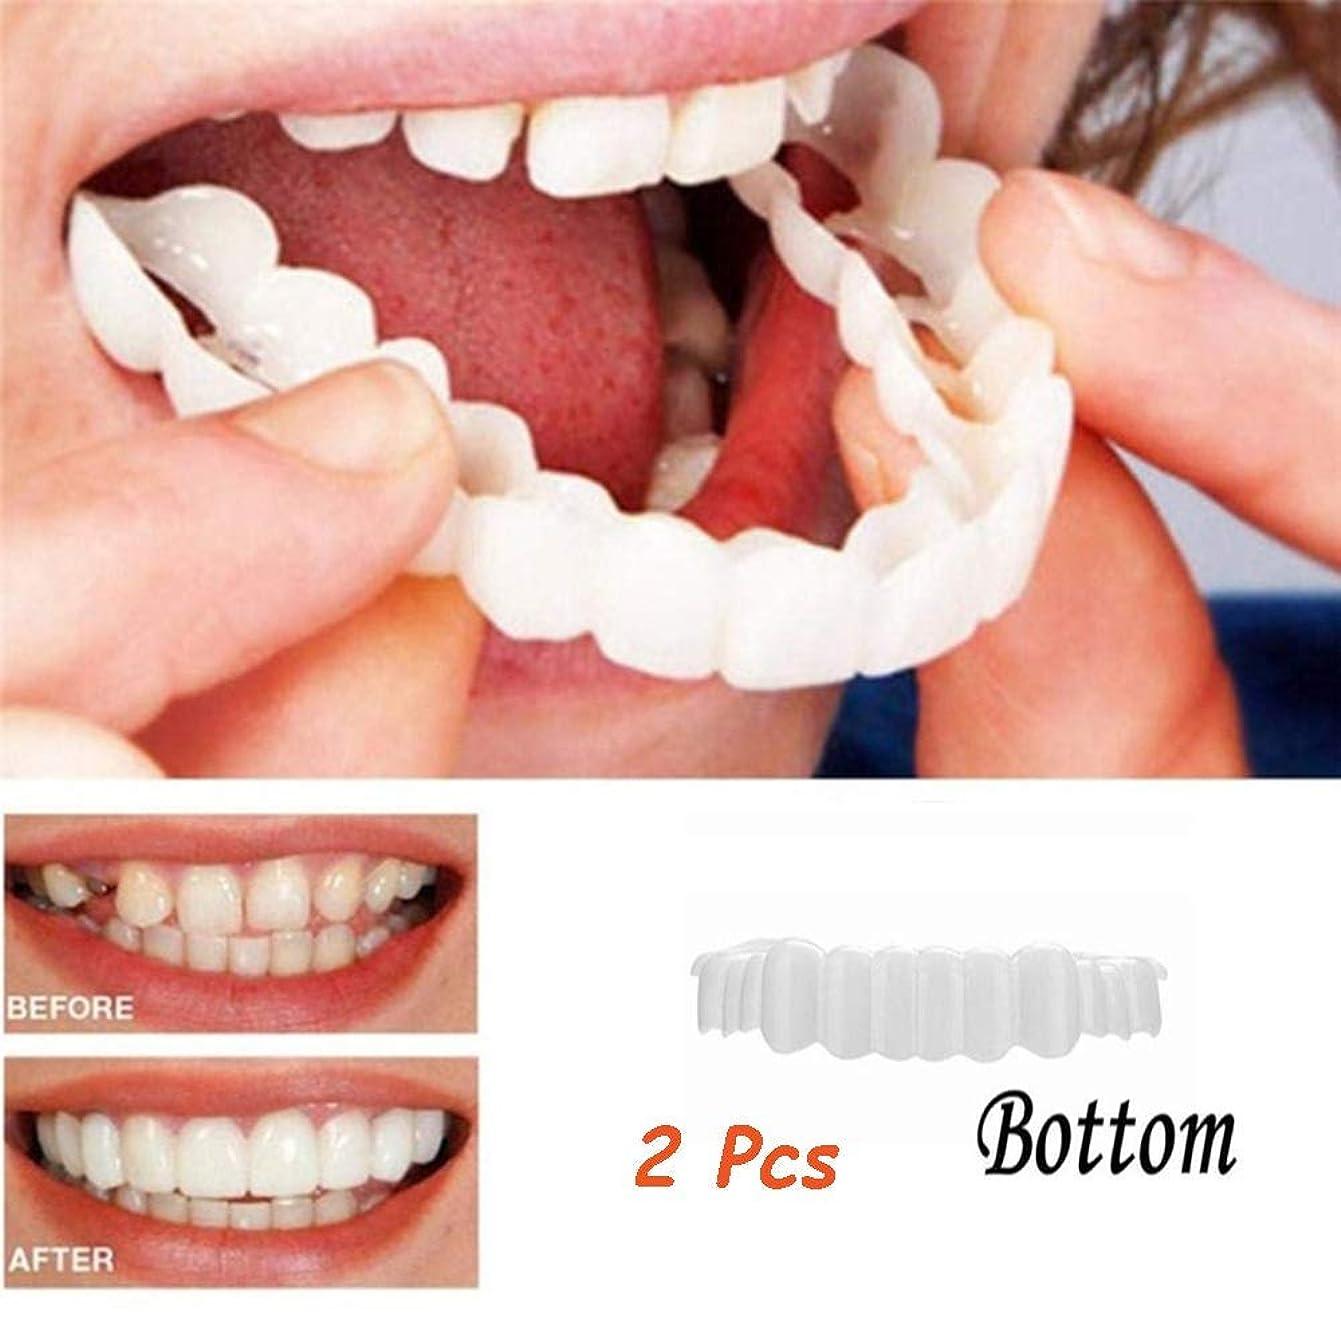 書き出す樹木ベット偽の歯の底、自信を持って笑顔の快適なフィットフレックスホワイト歯義歯仮歯化粧品突き板(2本の歯の底)